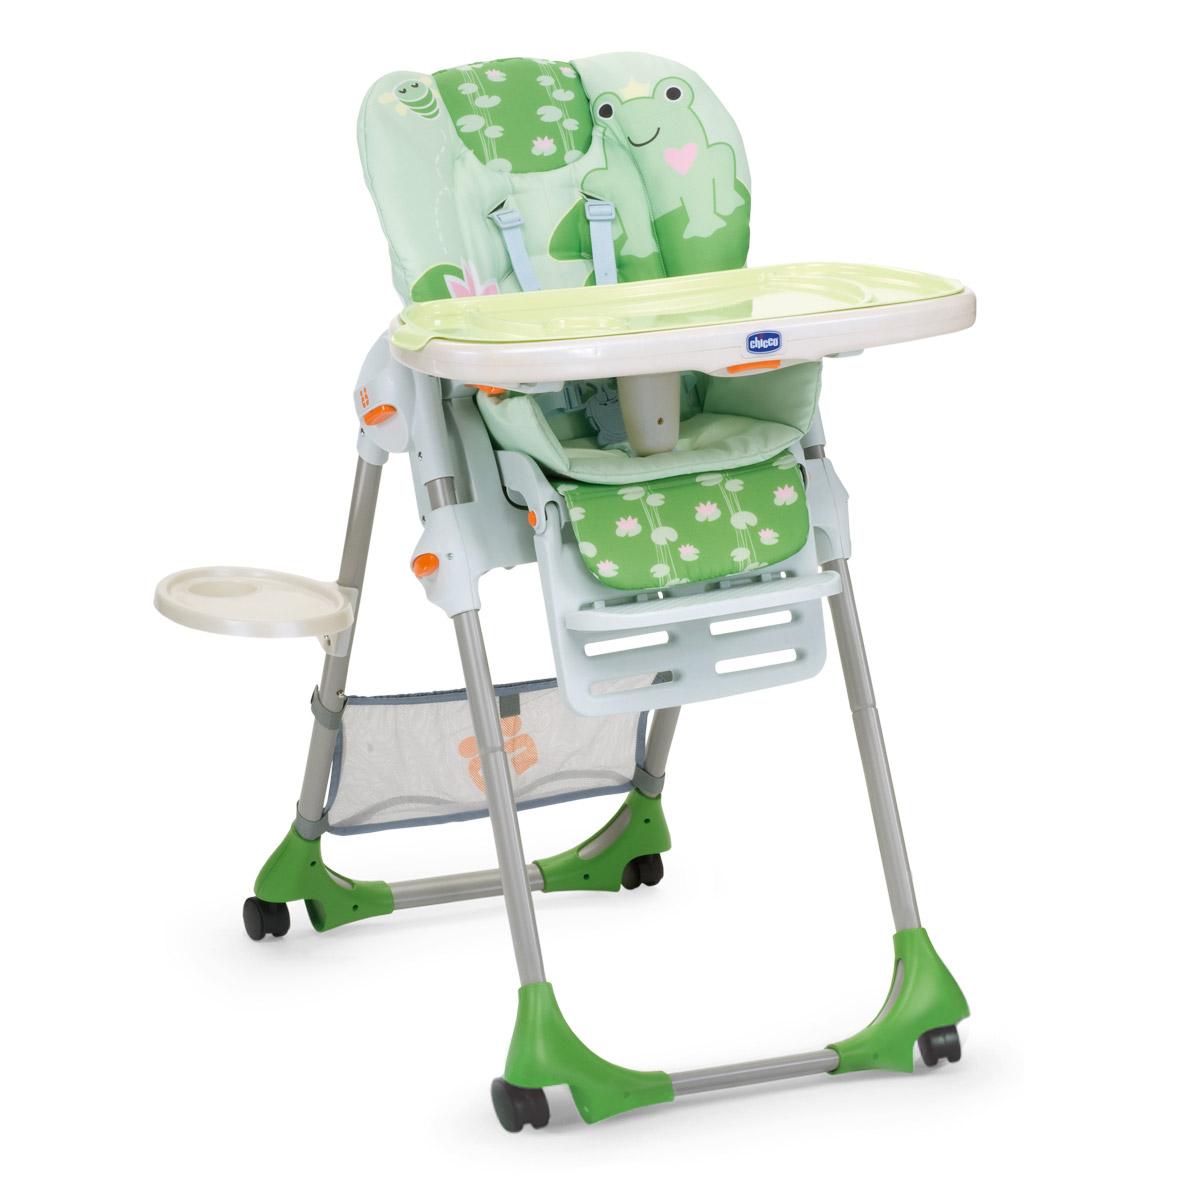 Стульчики для кормления малышей – большой выбор и приемлемые цены